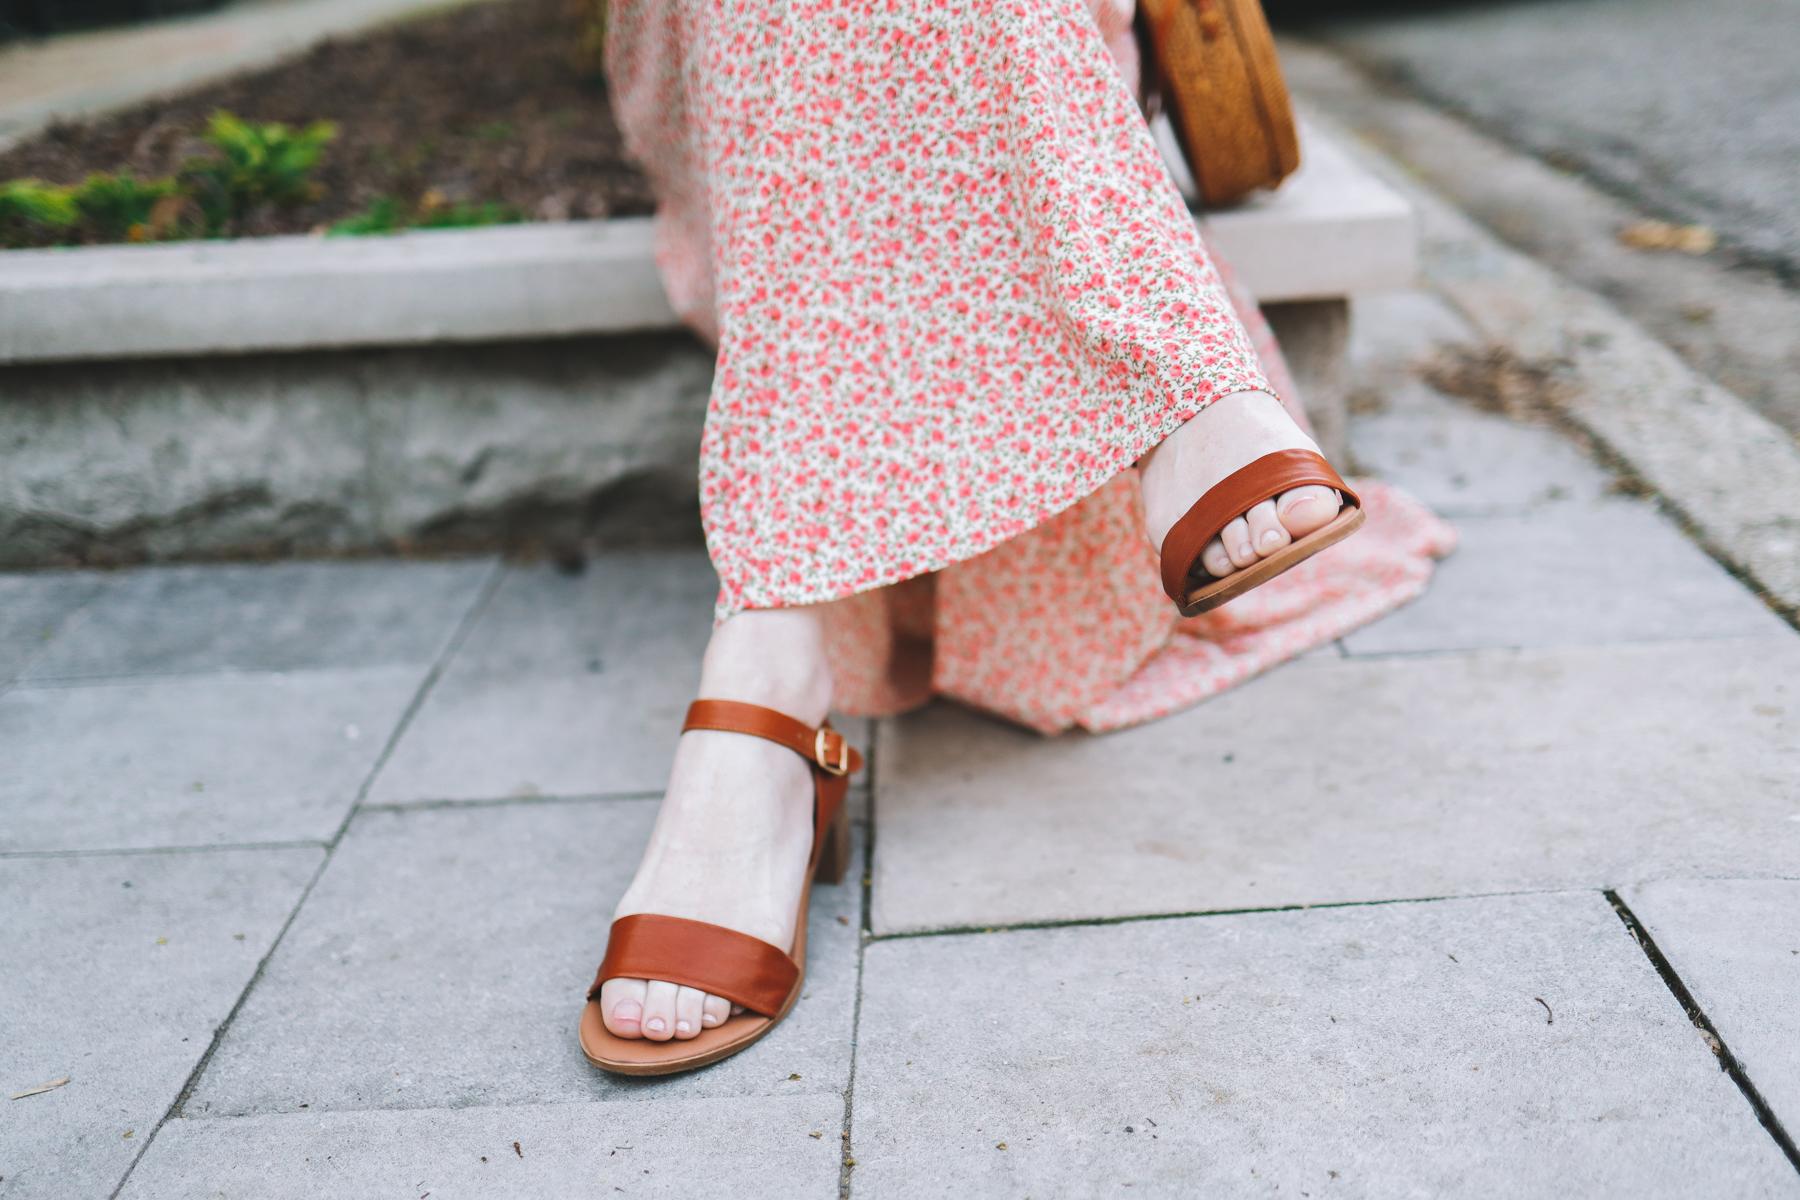 The Softest Sandals - Steve Madden April Sandals